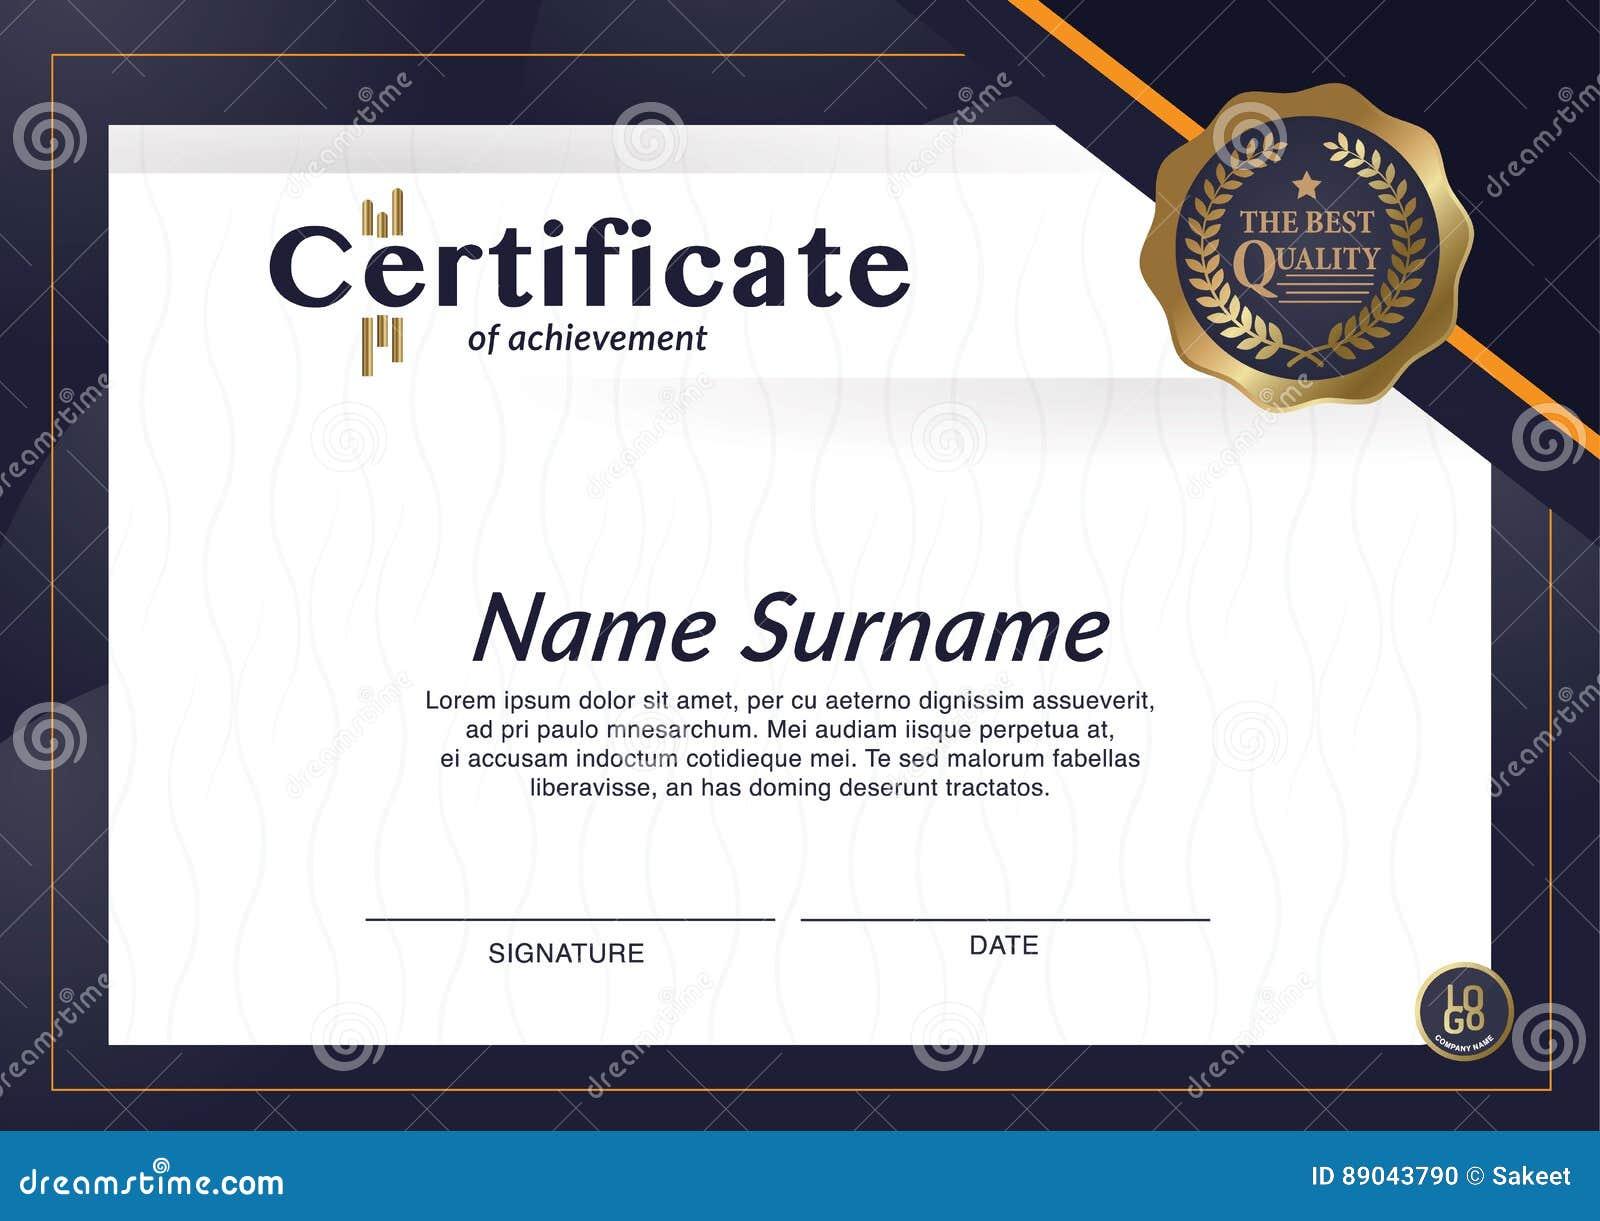 10 x Certificate of Achievement A4